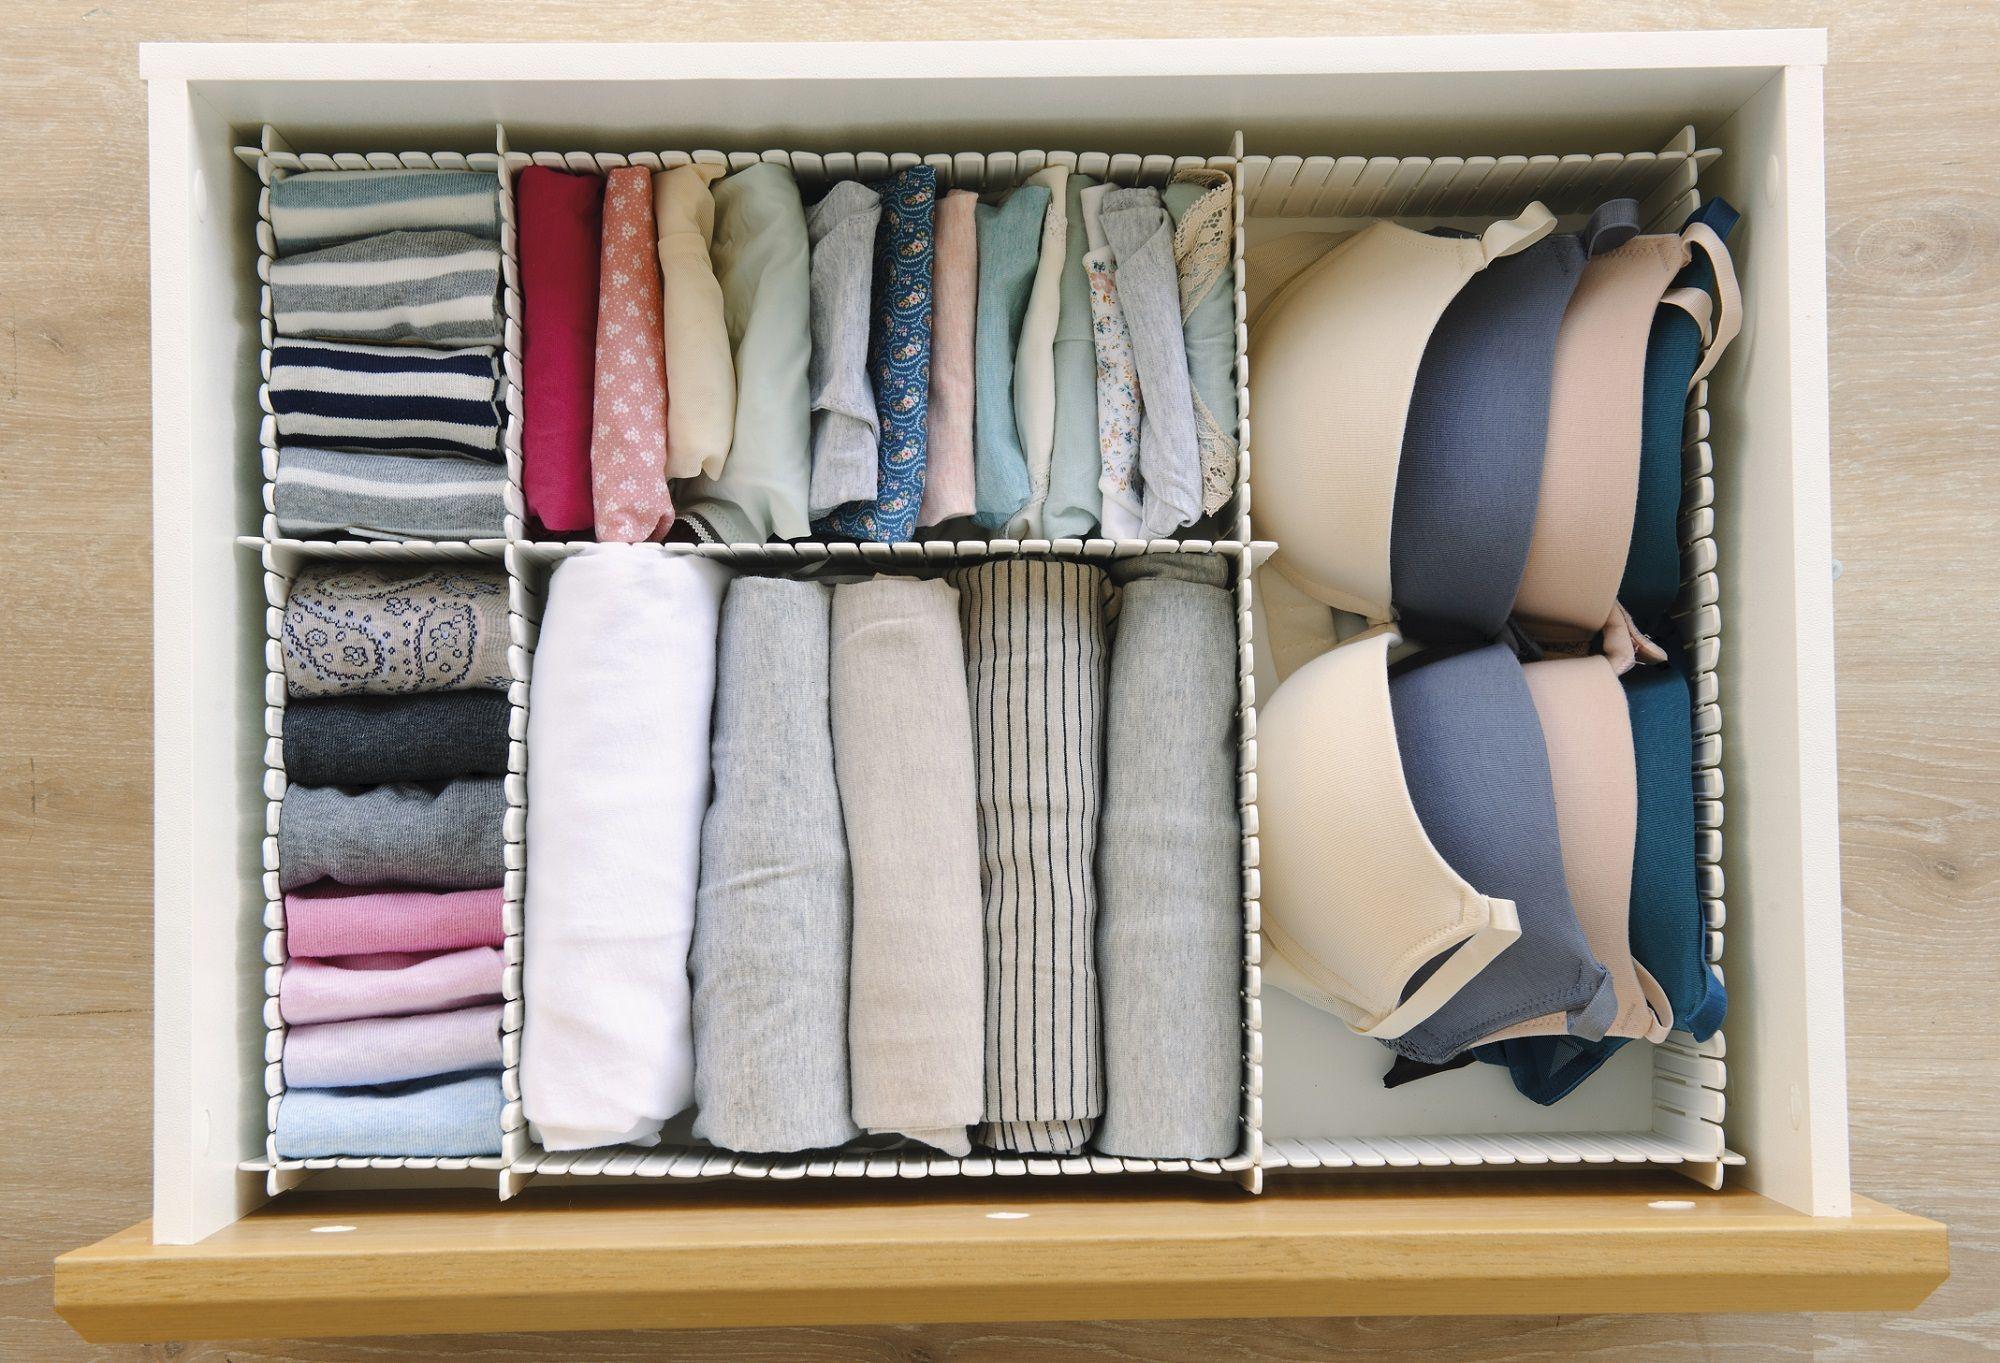 La ropa interior, ponla en vertical